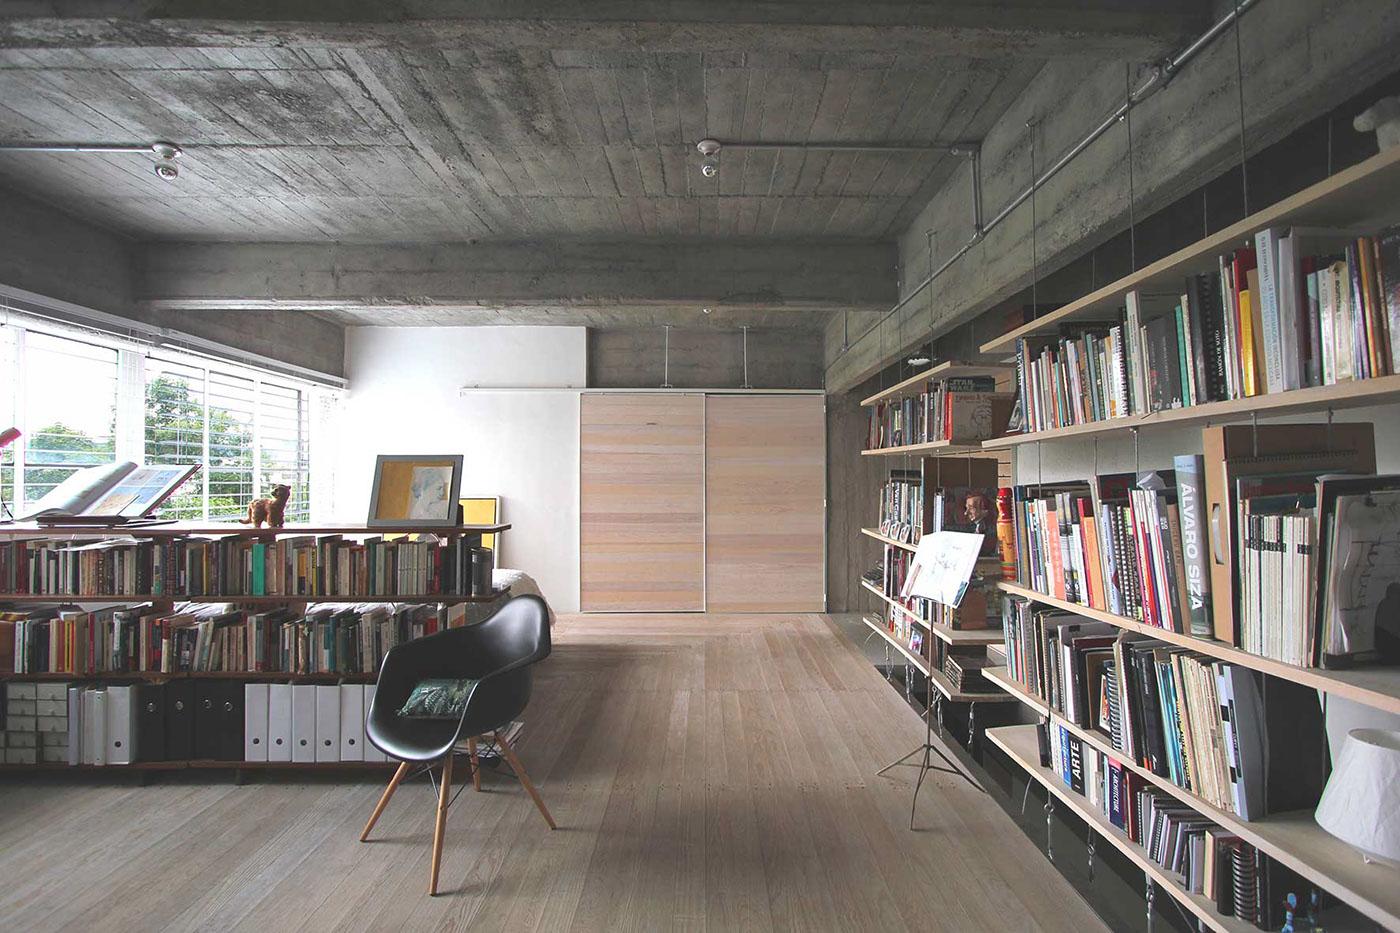 Vrtical memela CDMX arquitecture arquitectura Guadalajara monterrey Stationery arq customtype